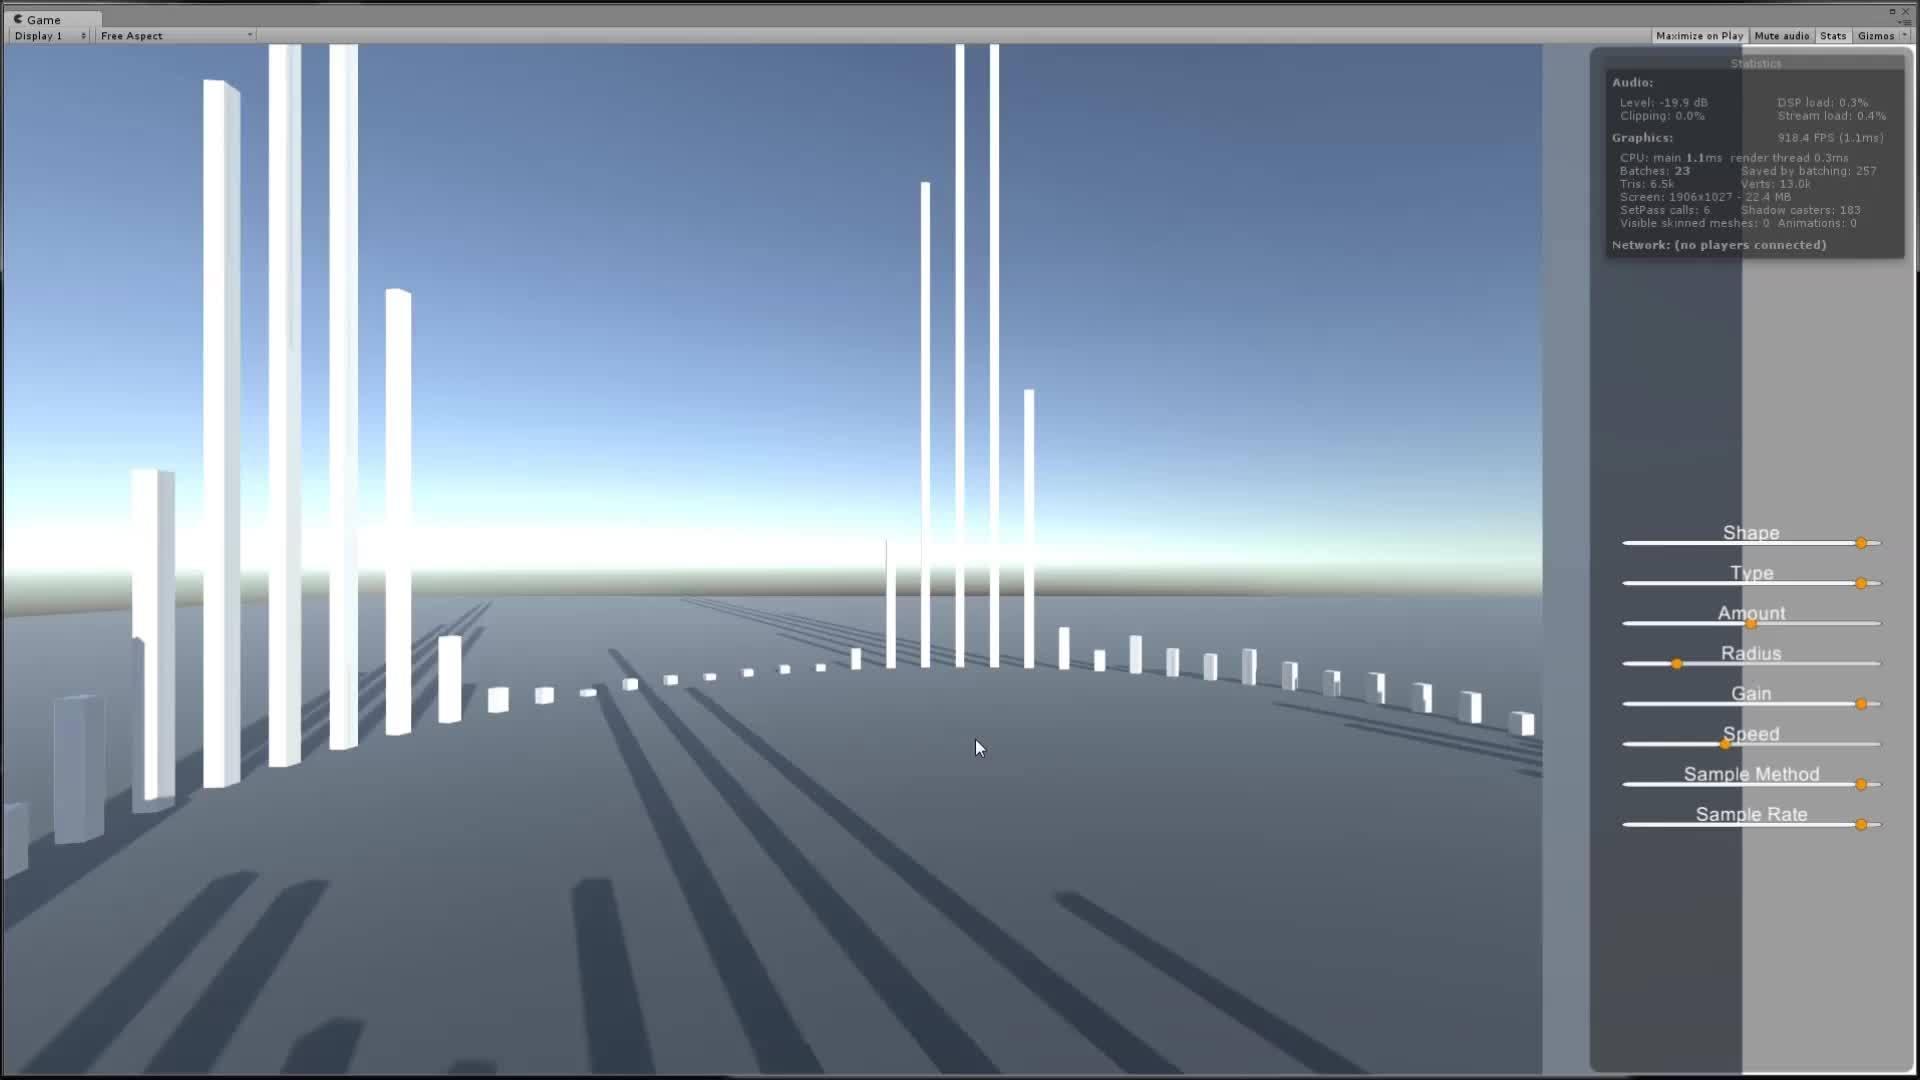 #gamedev #audio #csharp, [Unity] Basic Audio Visualizer (Resource/Tutorial) GIFs